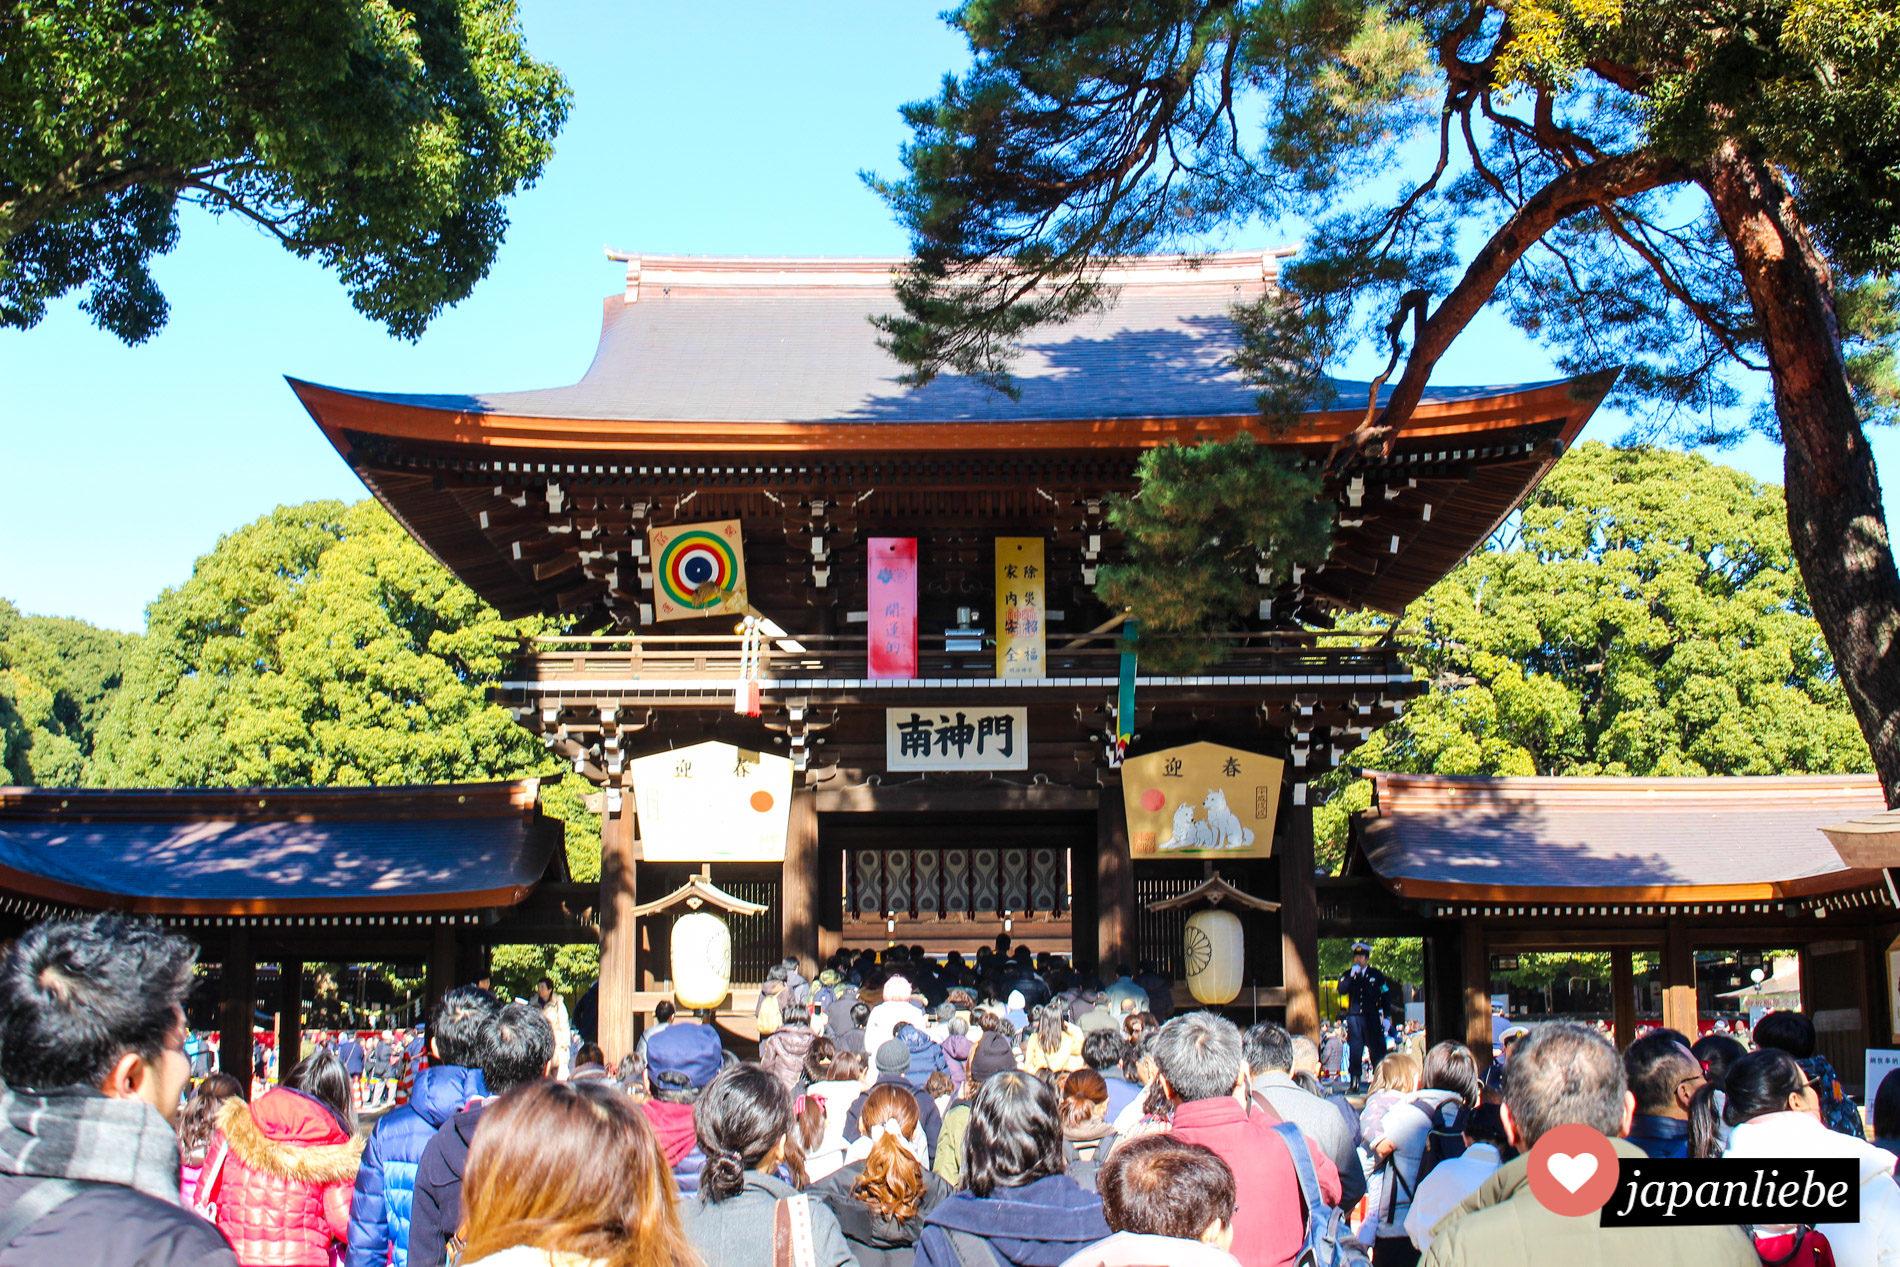 Anstehen für hatsumode, den ersten Schreinbesuch am Meiji Schrein in Tōkyō.